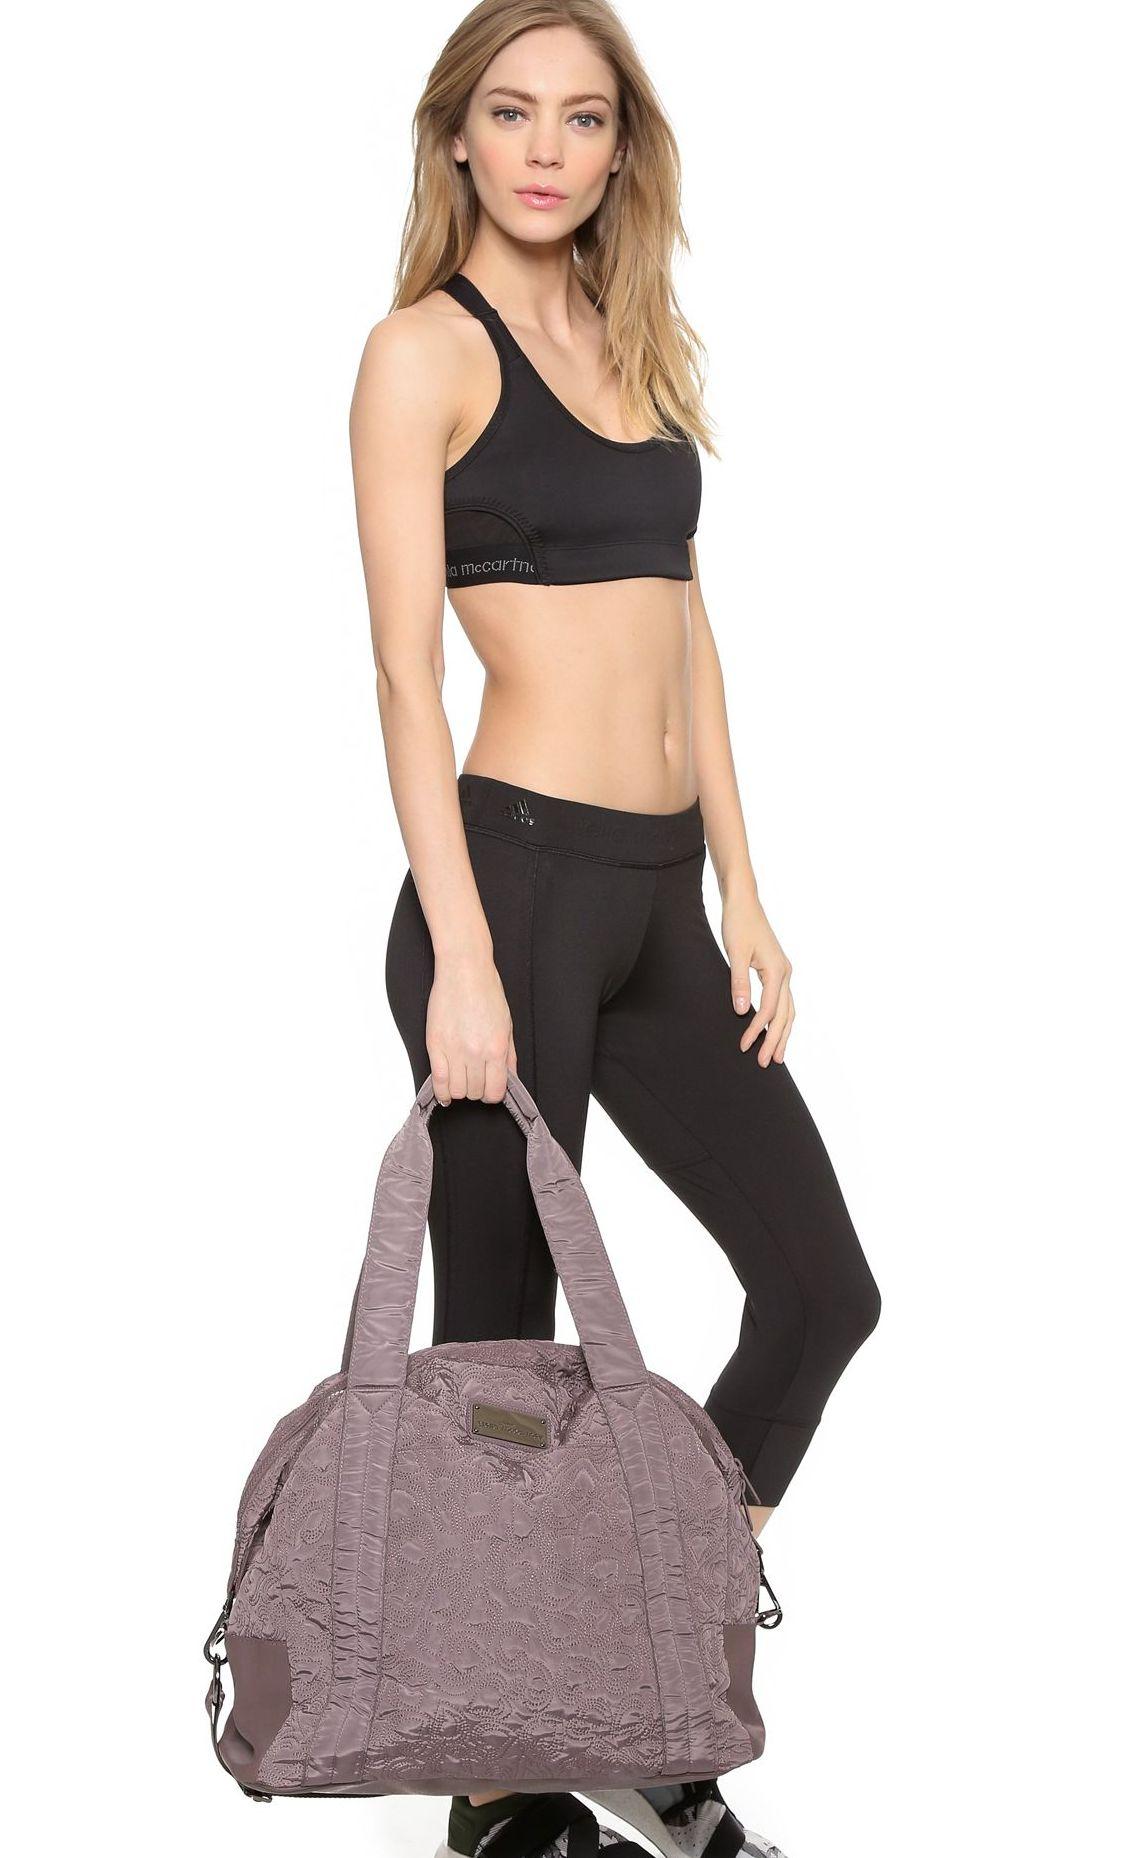 d7b83755ec2e Особой популярностью пользуются сумки известных спортивных брендов, которые  удачно сочетают надежность, функциональность и стиль.